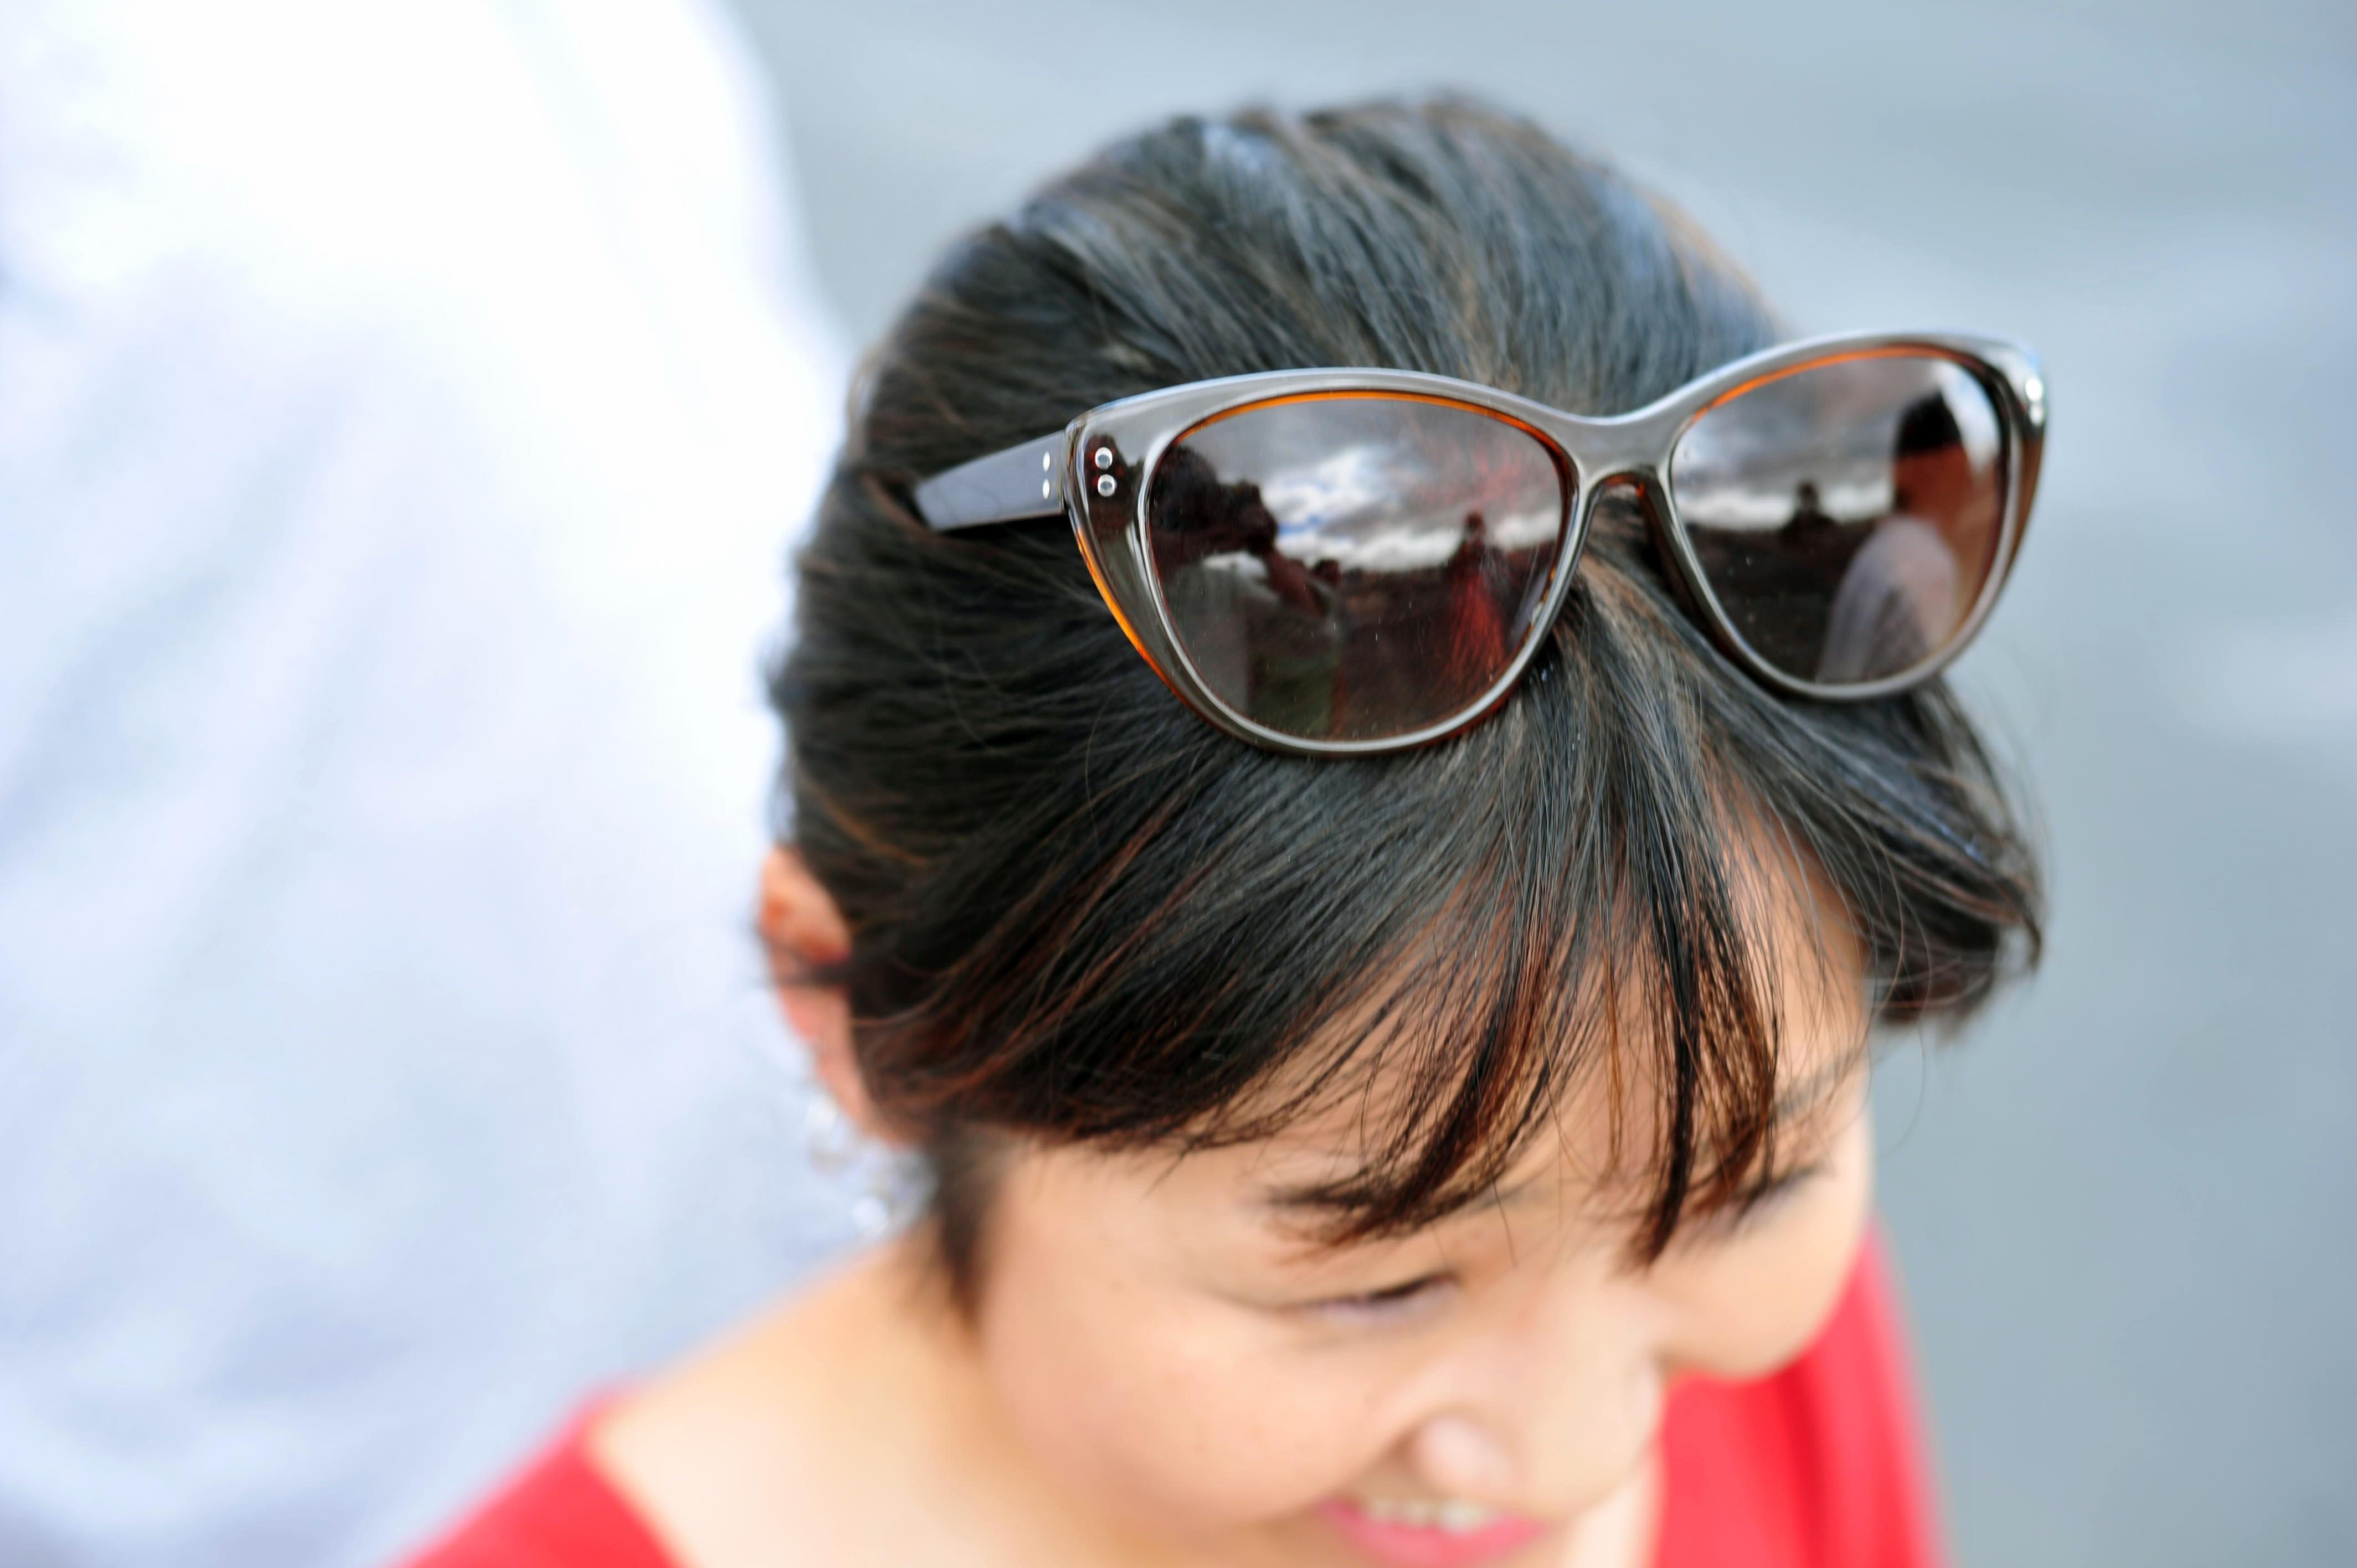 Clouds in sunglasses